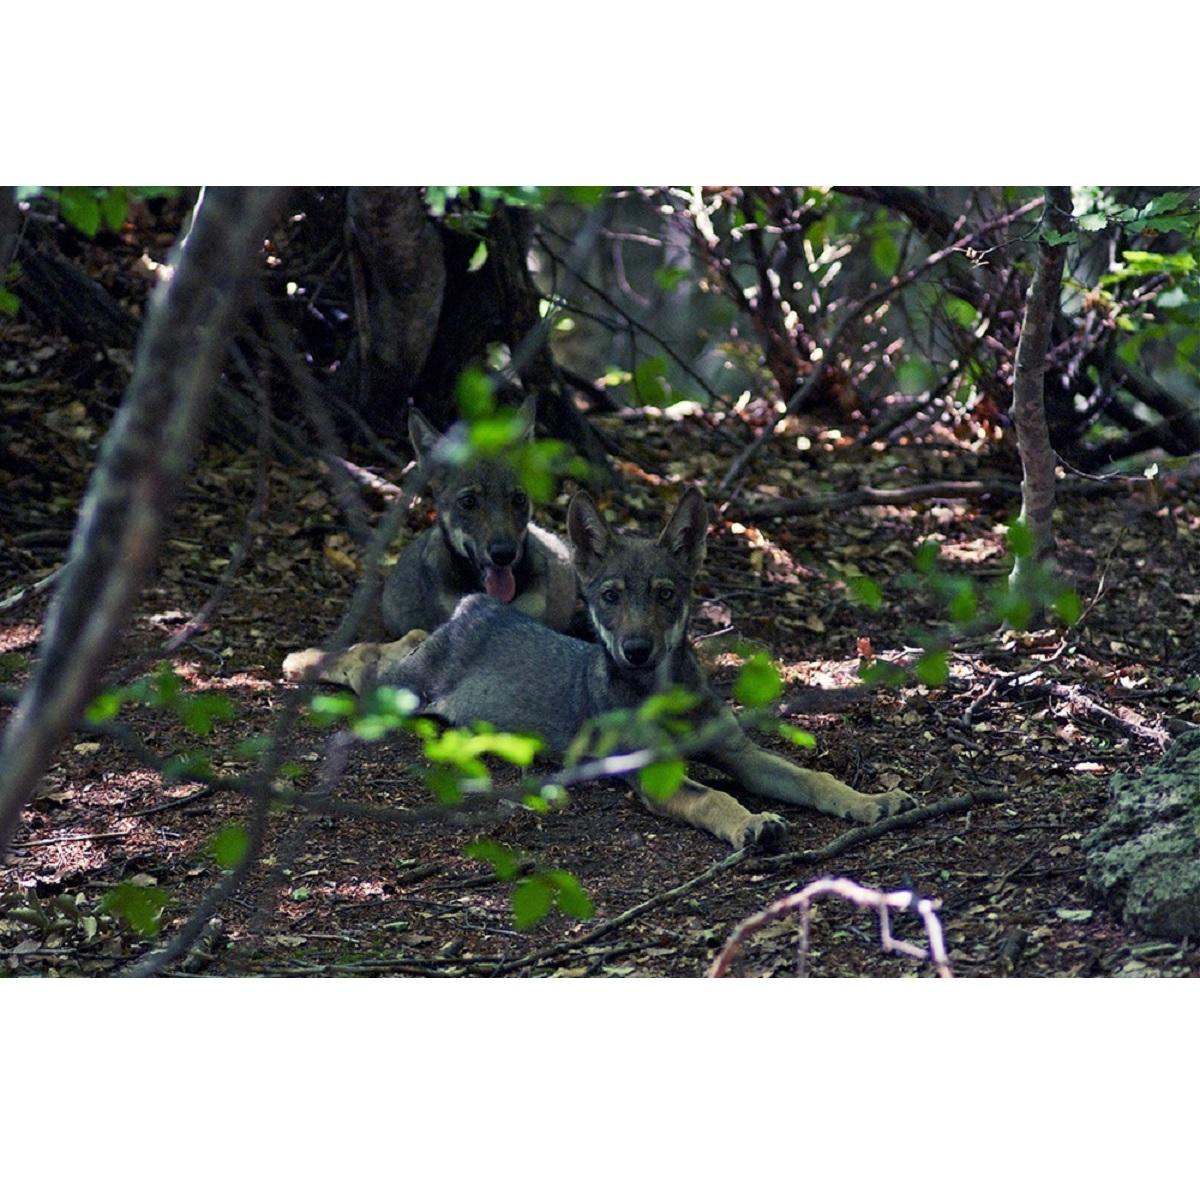 Lupo lupino lupetto lupone! il 20 giugno 2021 foto